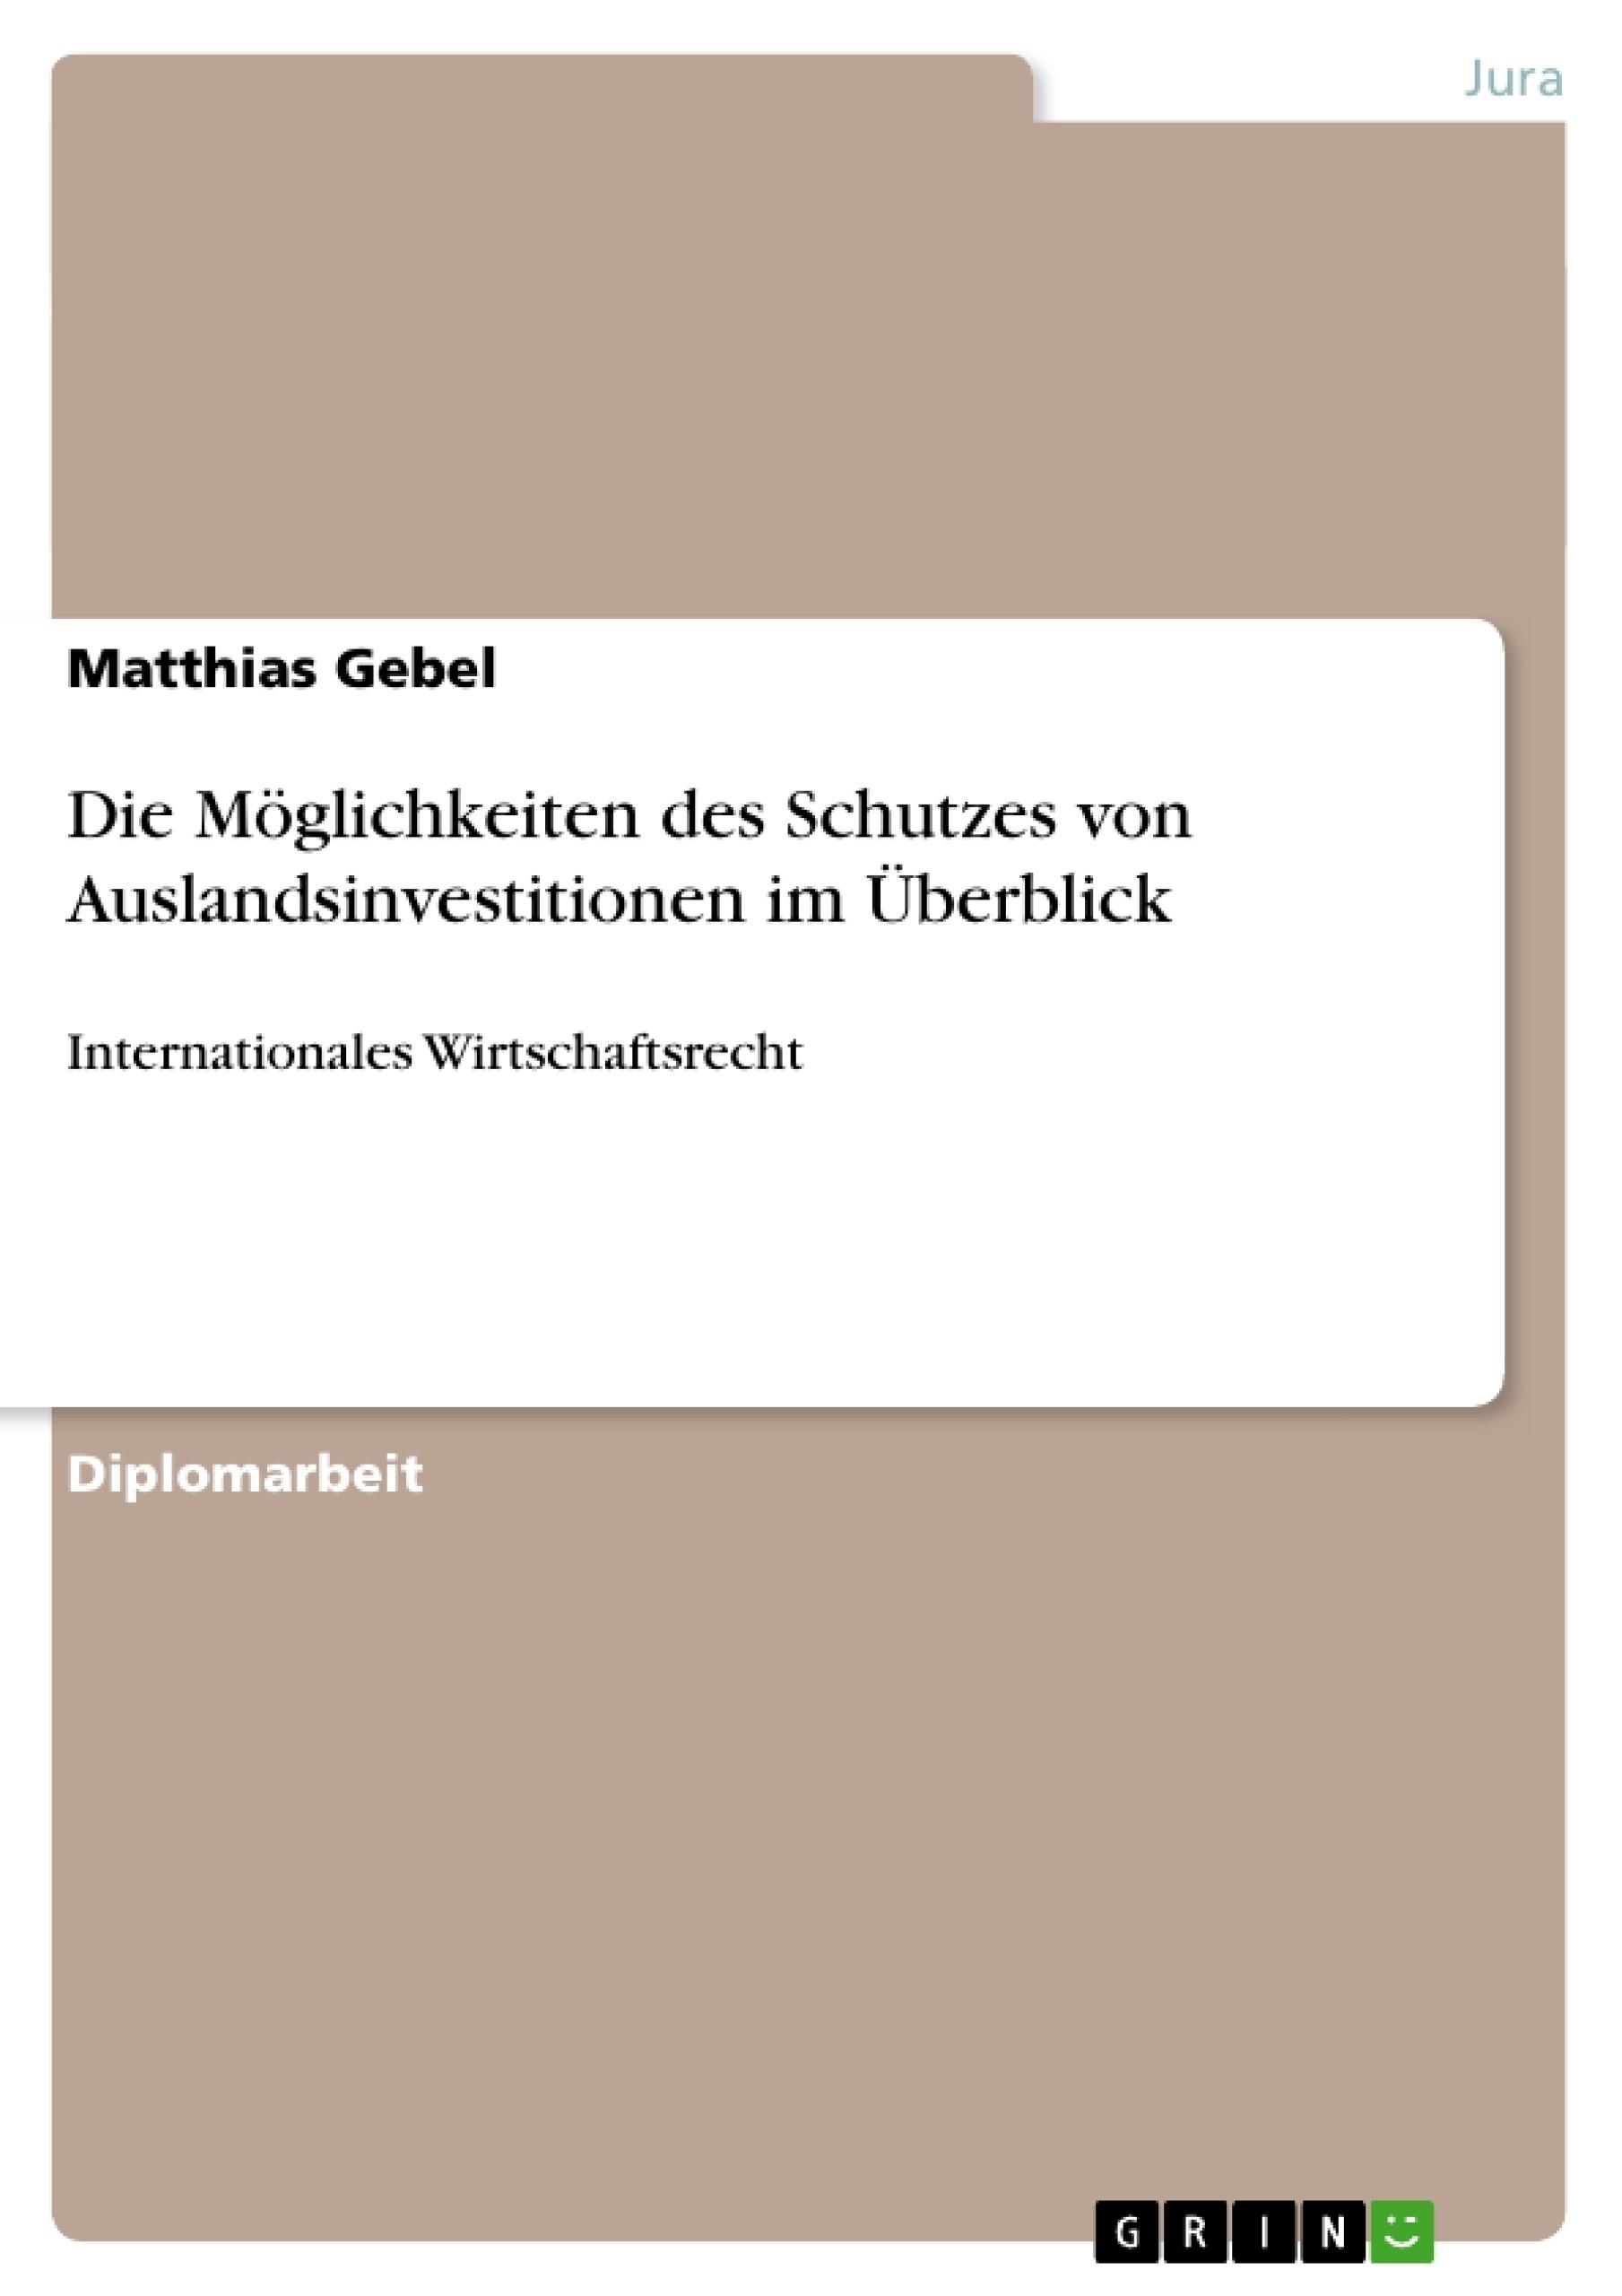 Titel: Die Möglichkeiten des Schutzes von Auslandsinvestitionen  im Überblick